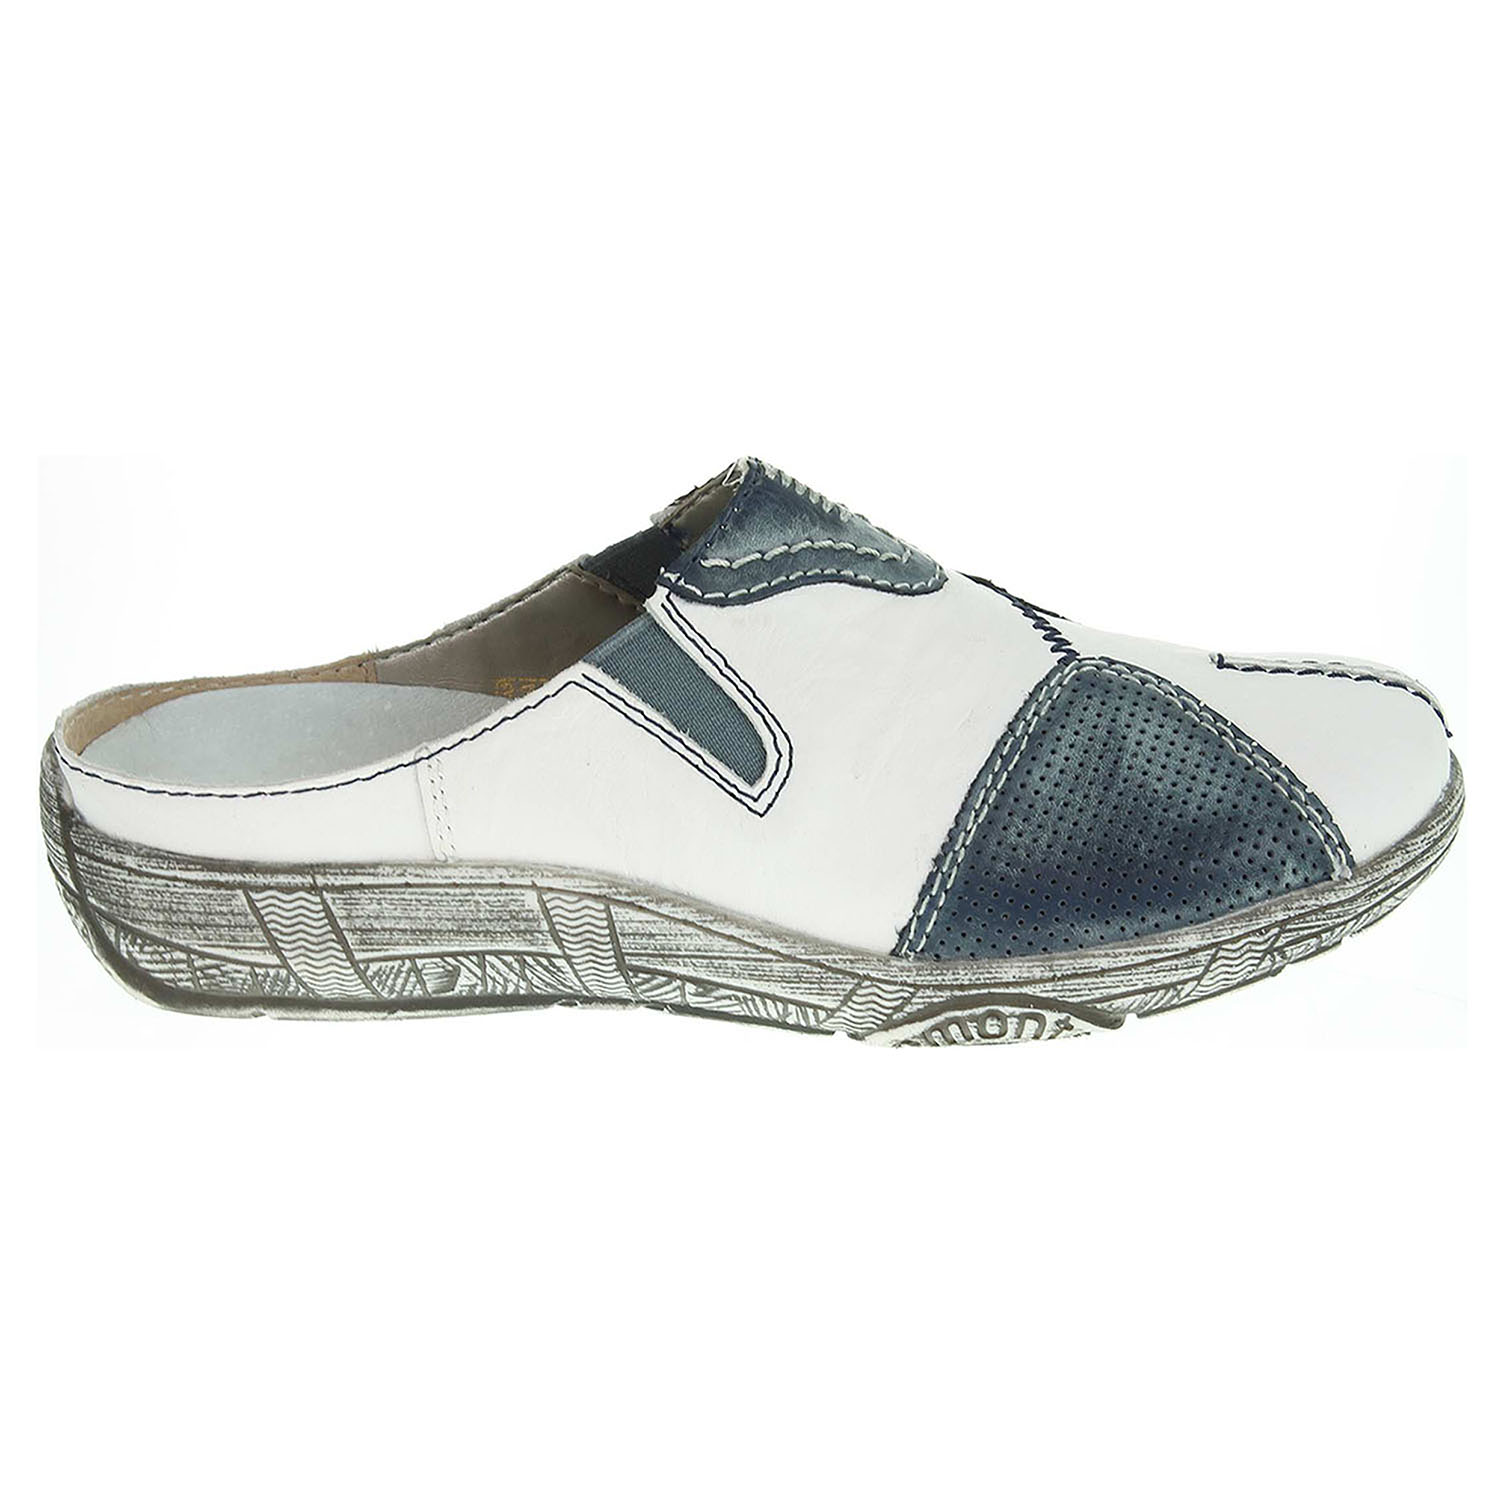 Ecco Remonte dámské pantofle D3850-80 bílá-modrá 23600710